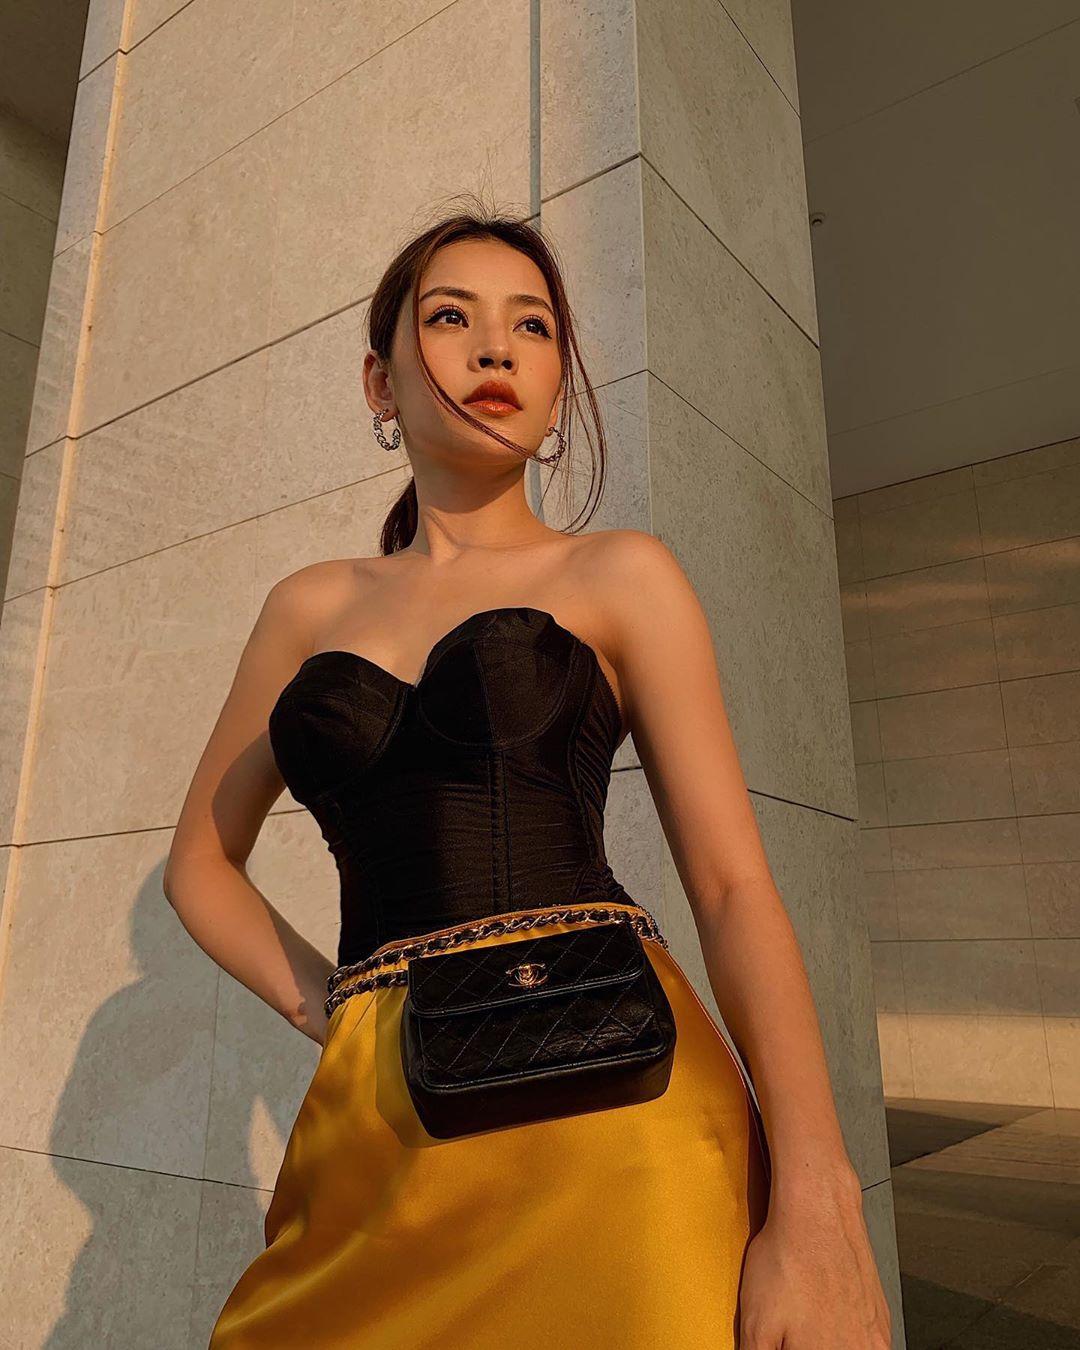 túi bao tử phong cách retro 90s vintage áo ống chân váy lụa vàng chipupu corset